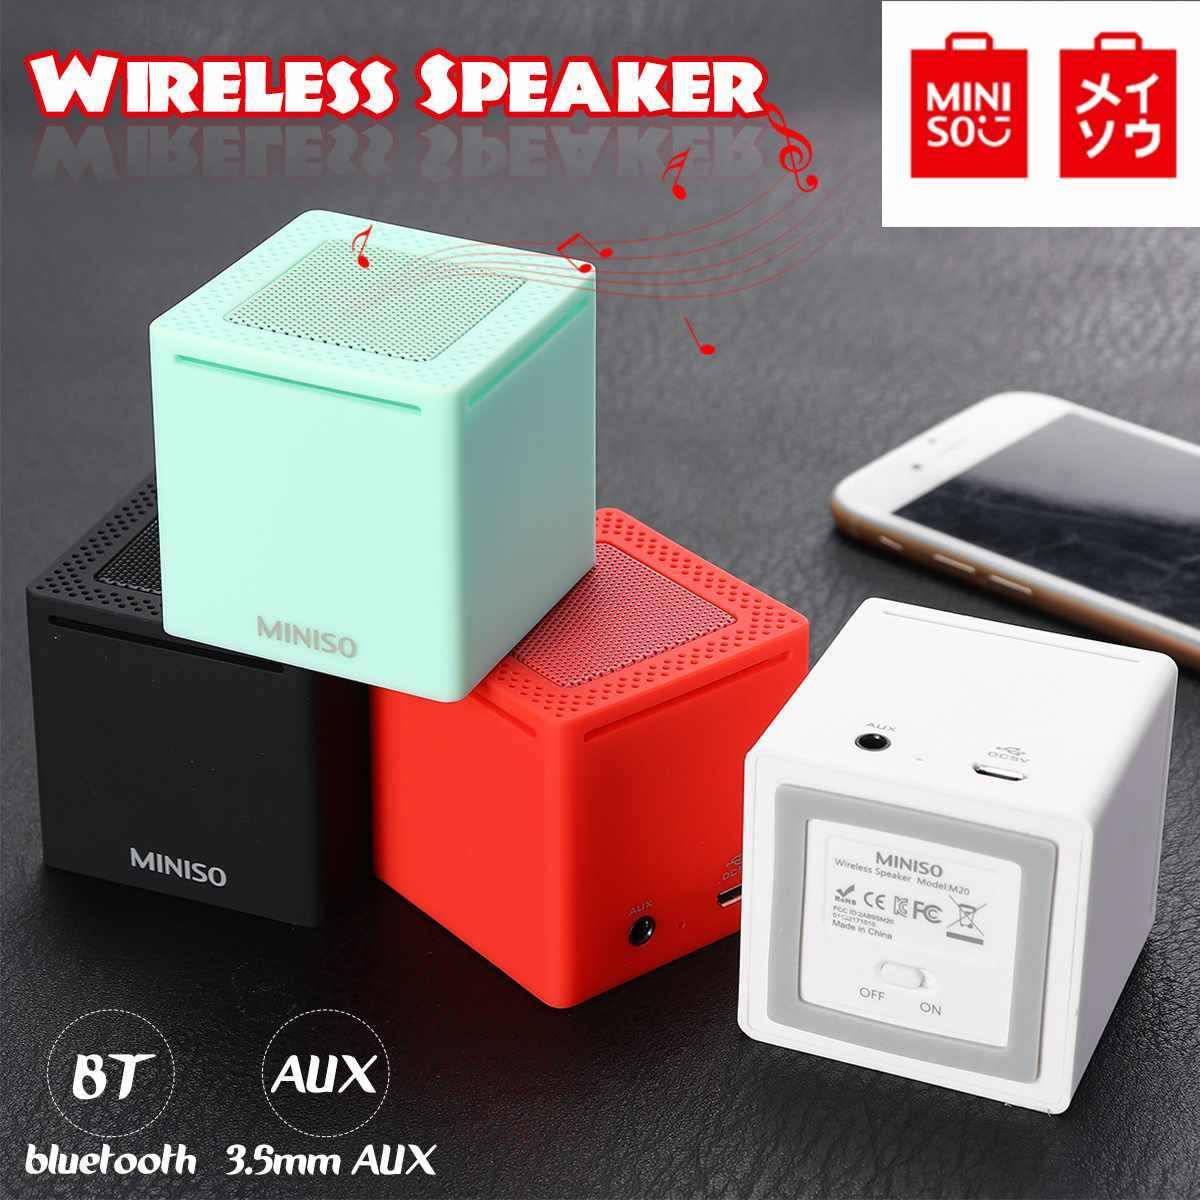 Globle Versi Miniso Portabel Bluetooth Speaker Mini Nirkabel Pengeras Suara Speaker untuk Ponsel Komputer Stereo Musik Outdoor